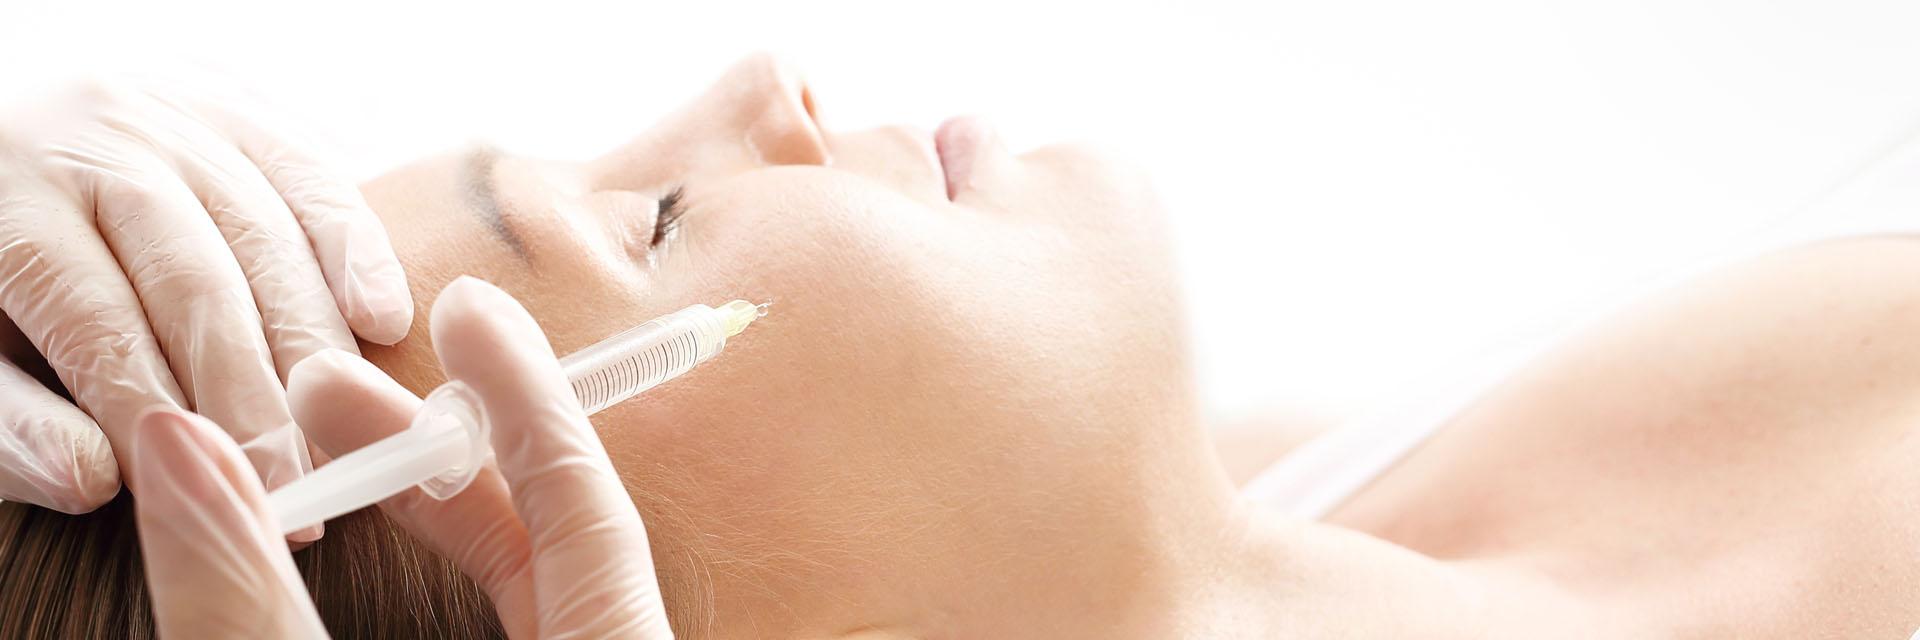 Mesotherapie zur Raucherentwöhnung, Rauchfrei Spritze, mit dem Rauchen aufhören